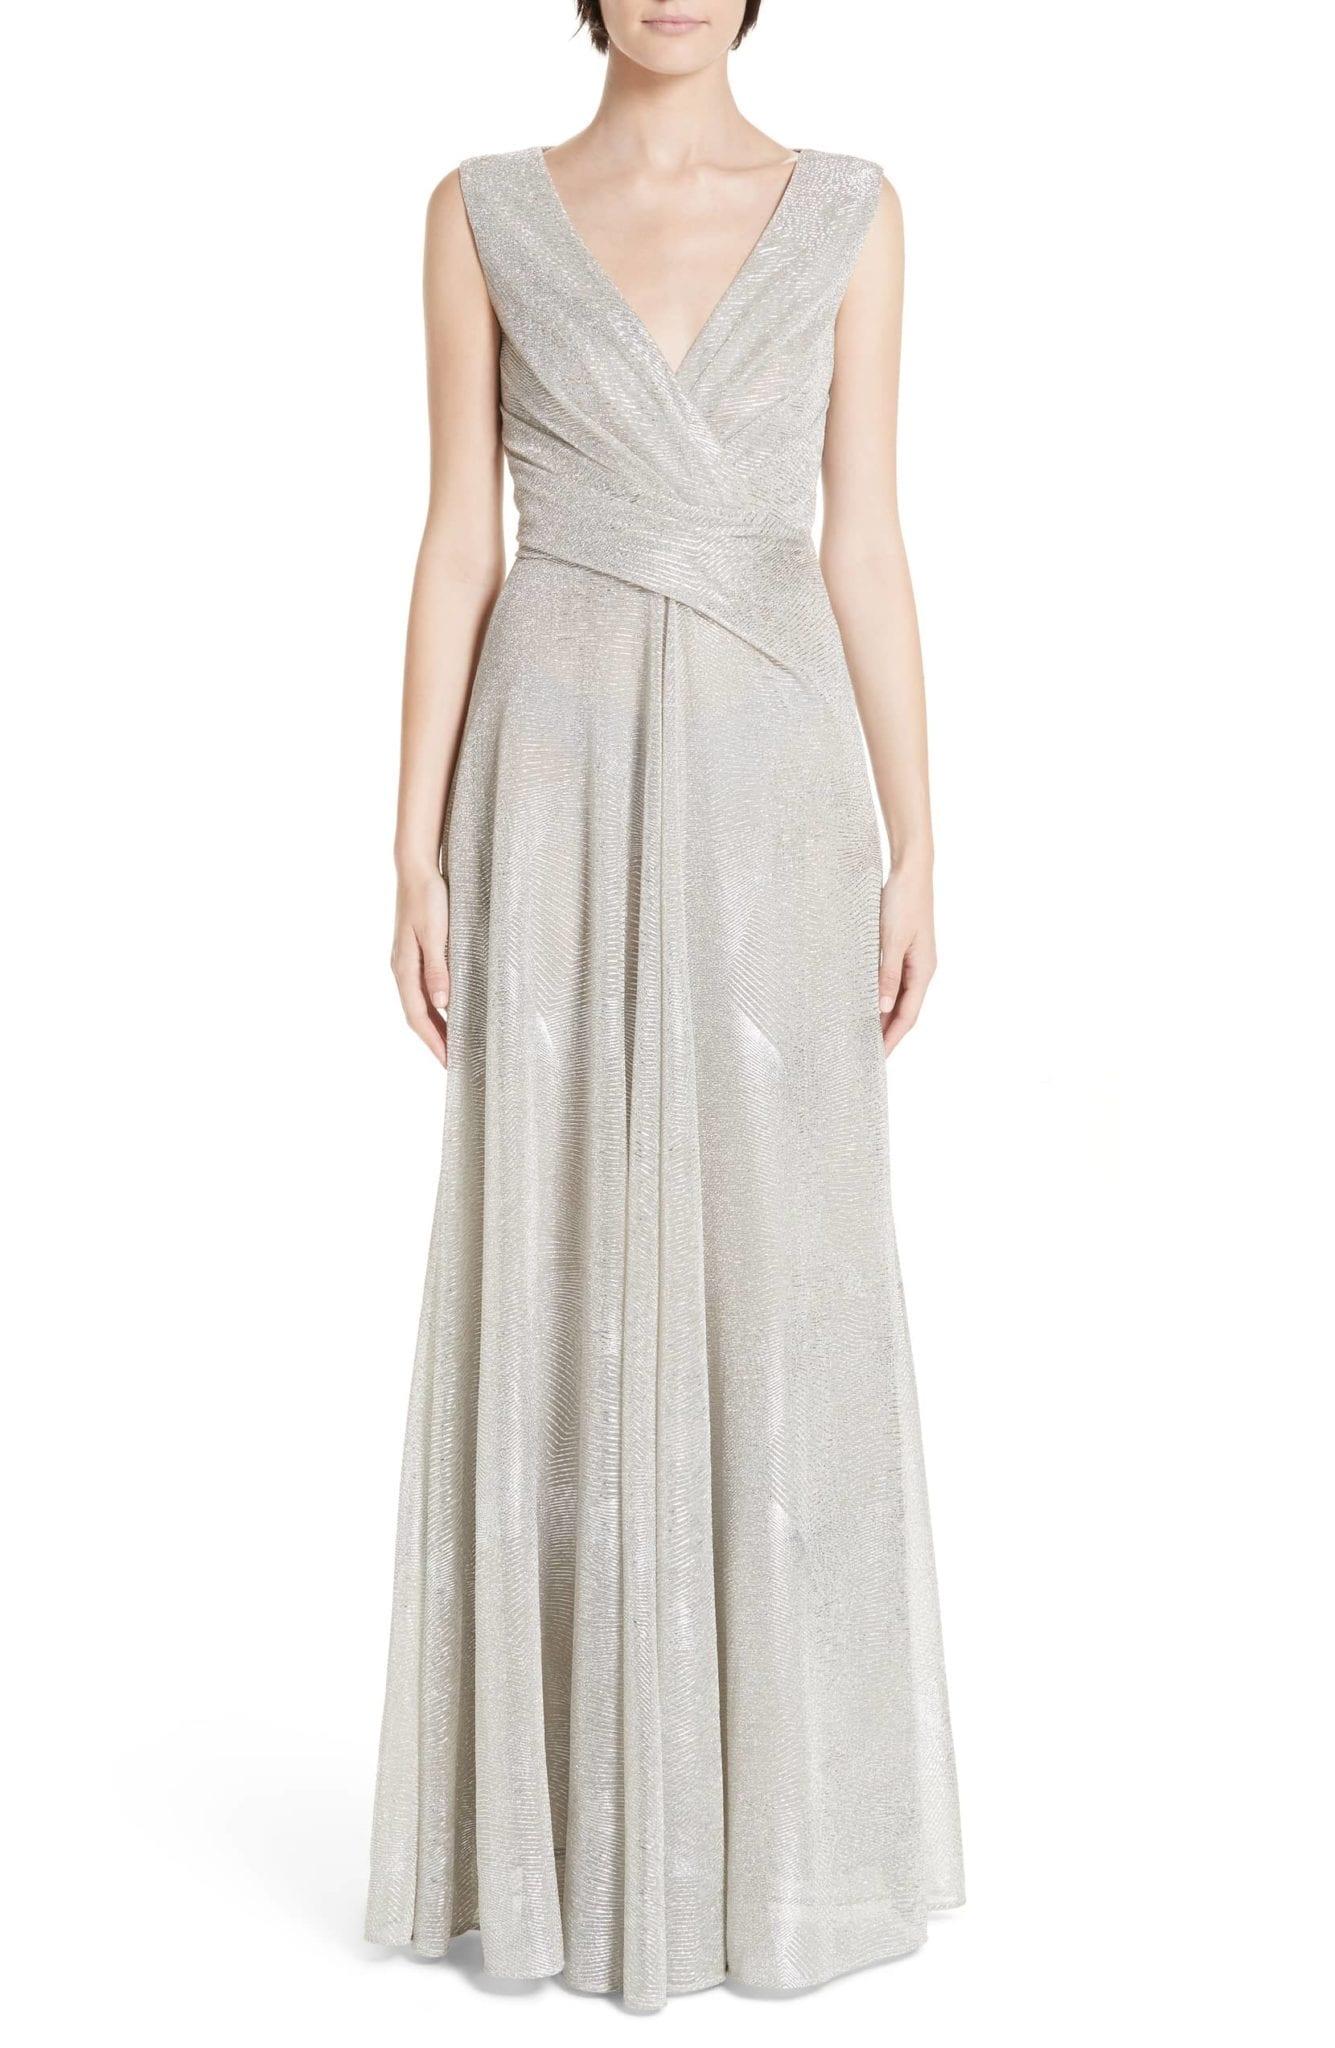 TALBOT RUNHOF Metallic Voile A-Line Platinum Gown